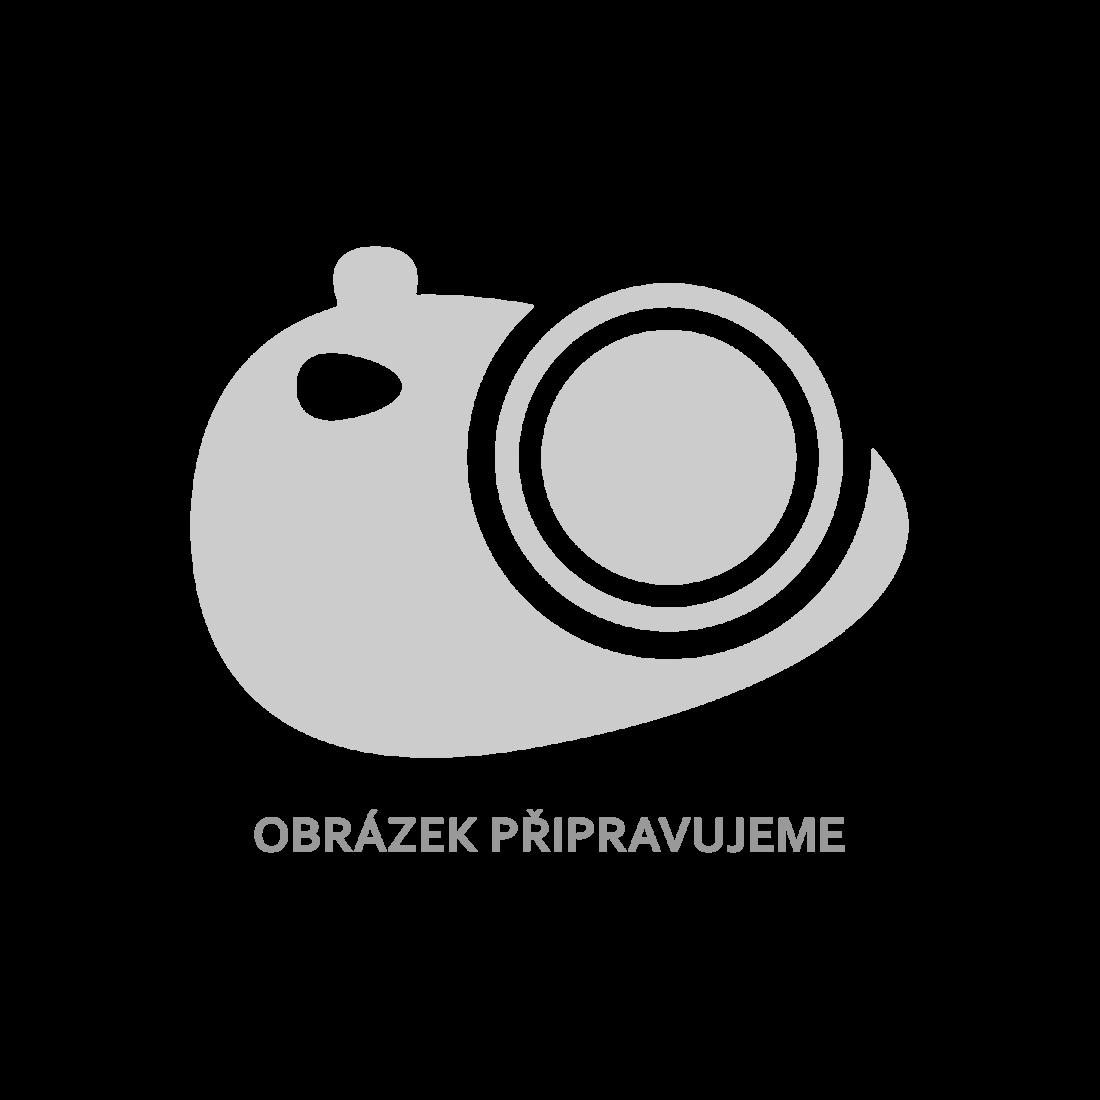 vidaXL Rám postele s nebesy 2 zásuvky masivní borovice 90 x 200 cm [3060537]